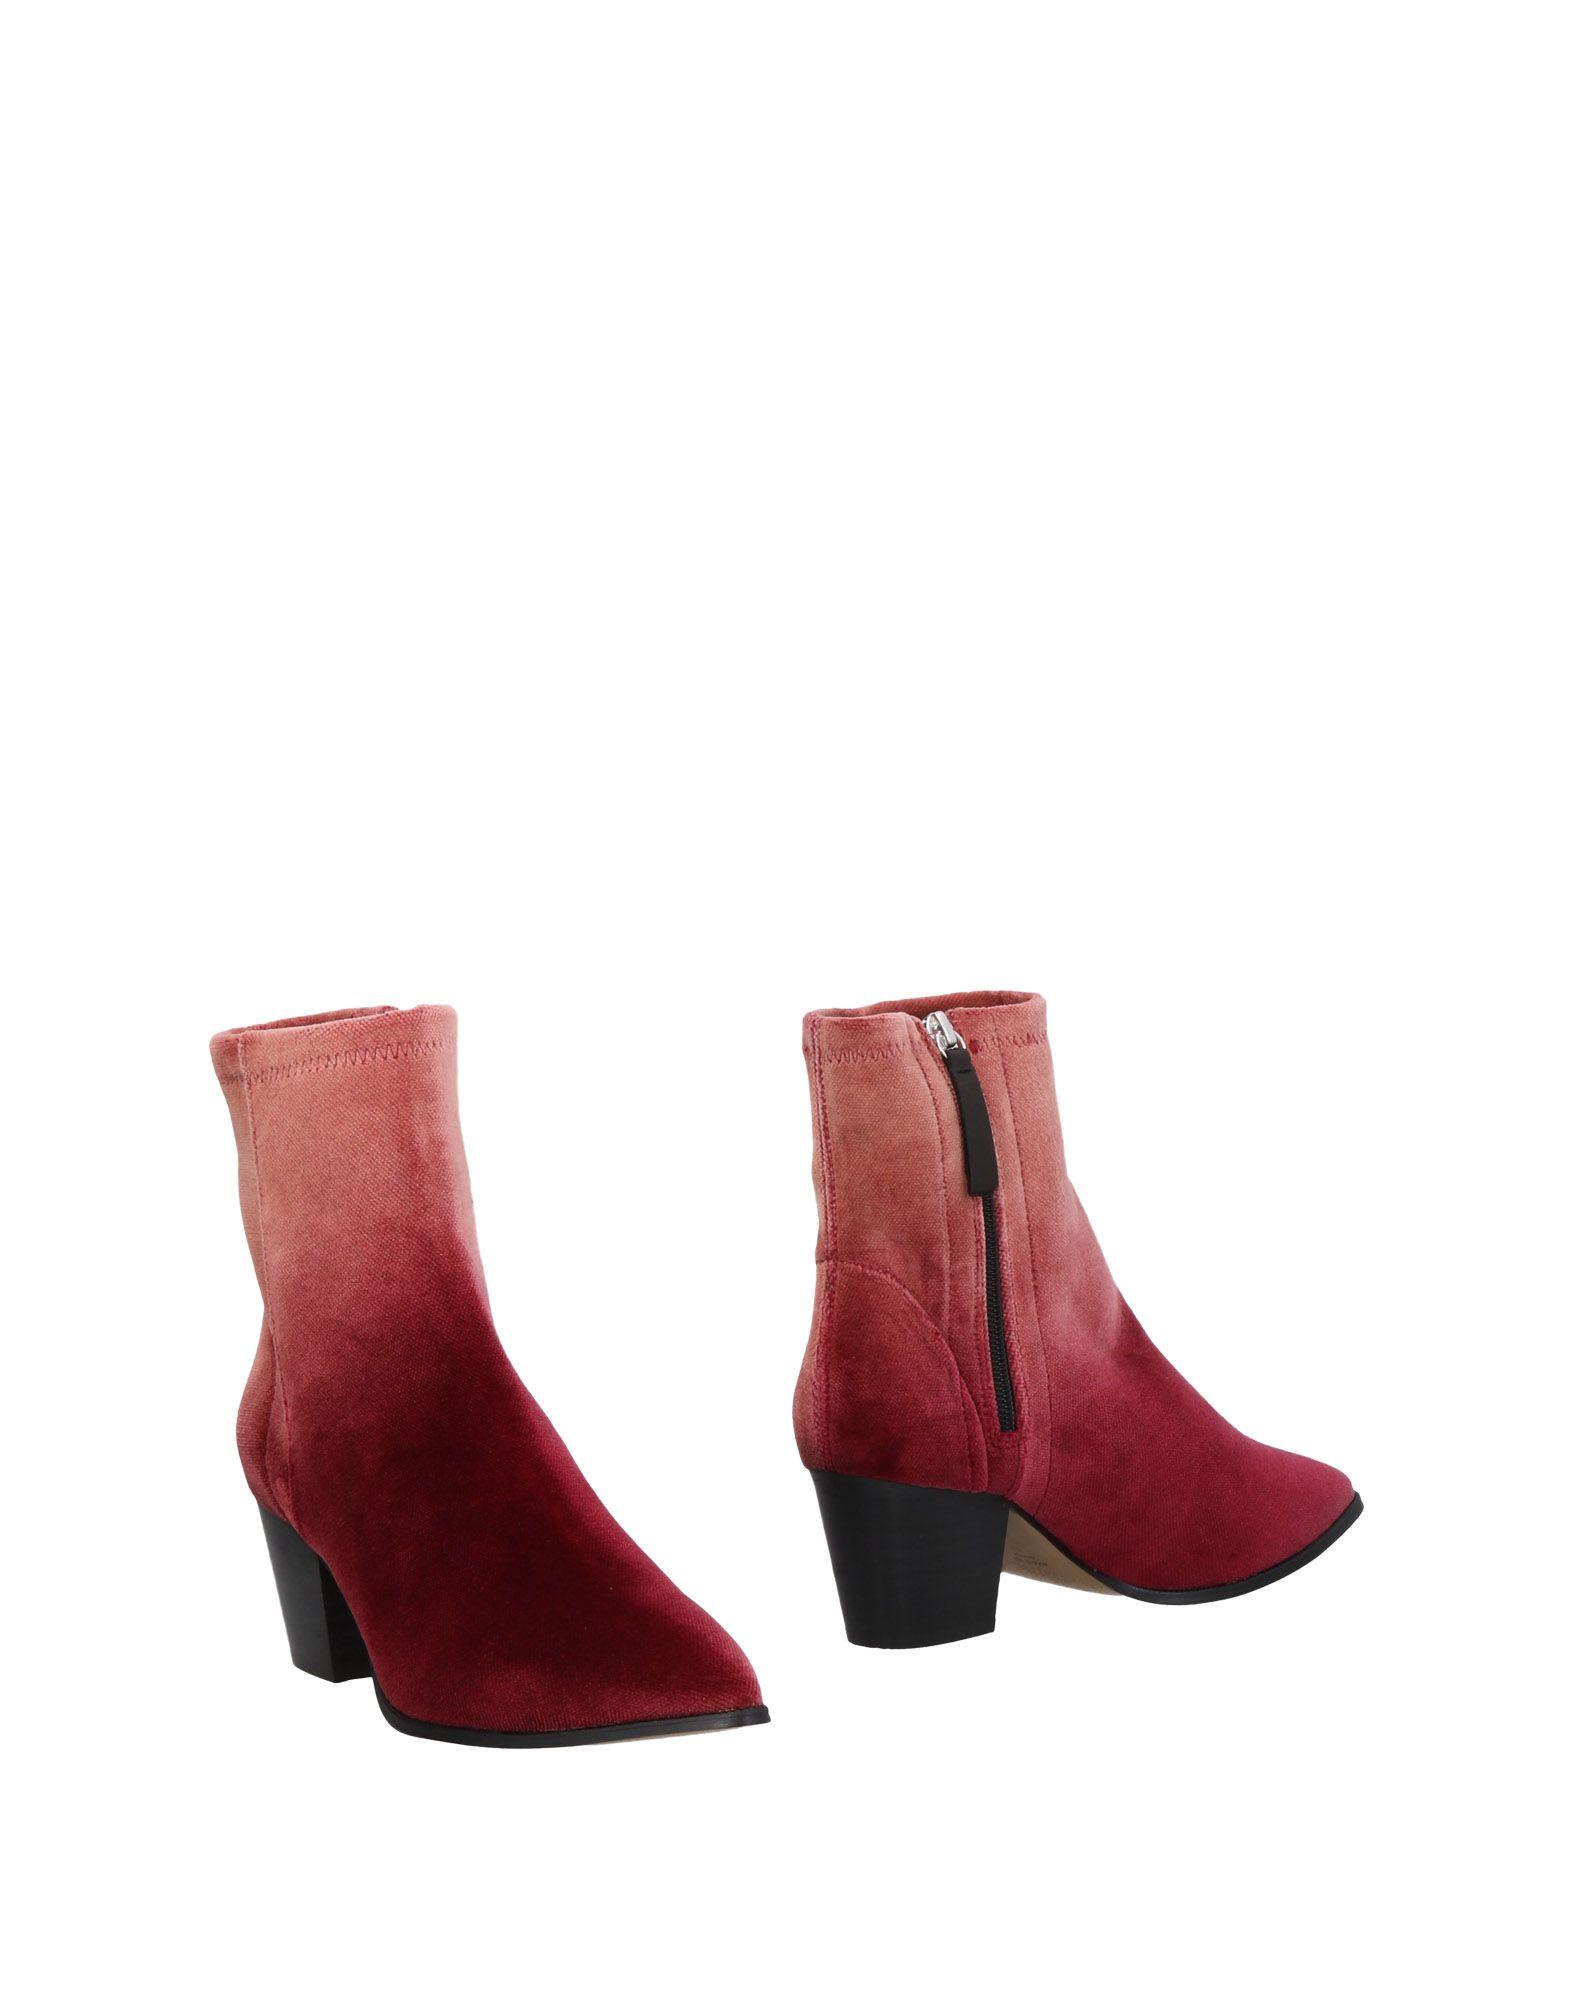 Bottine Stiù Femme - Bottines Stiù Bordeaux Les chaussures les plus populaires pour les hommes et les femmes